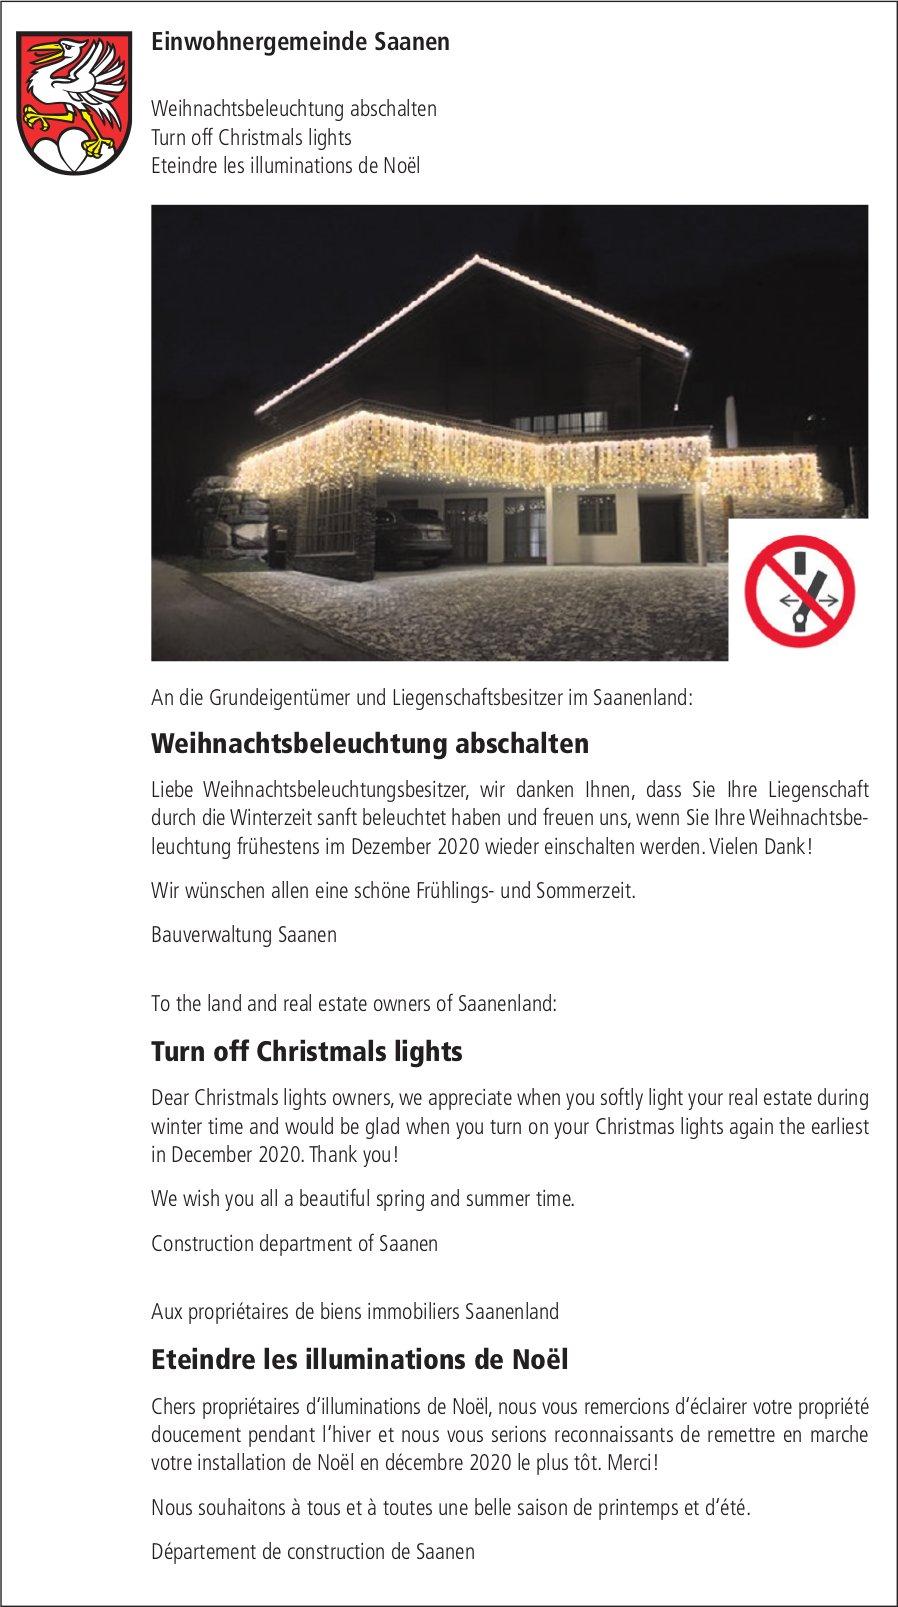 Weihnachtsbeleuchtung abschalten -  Einwohnergemeinde, Saanen